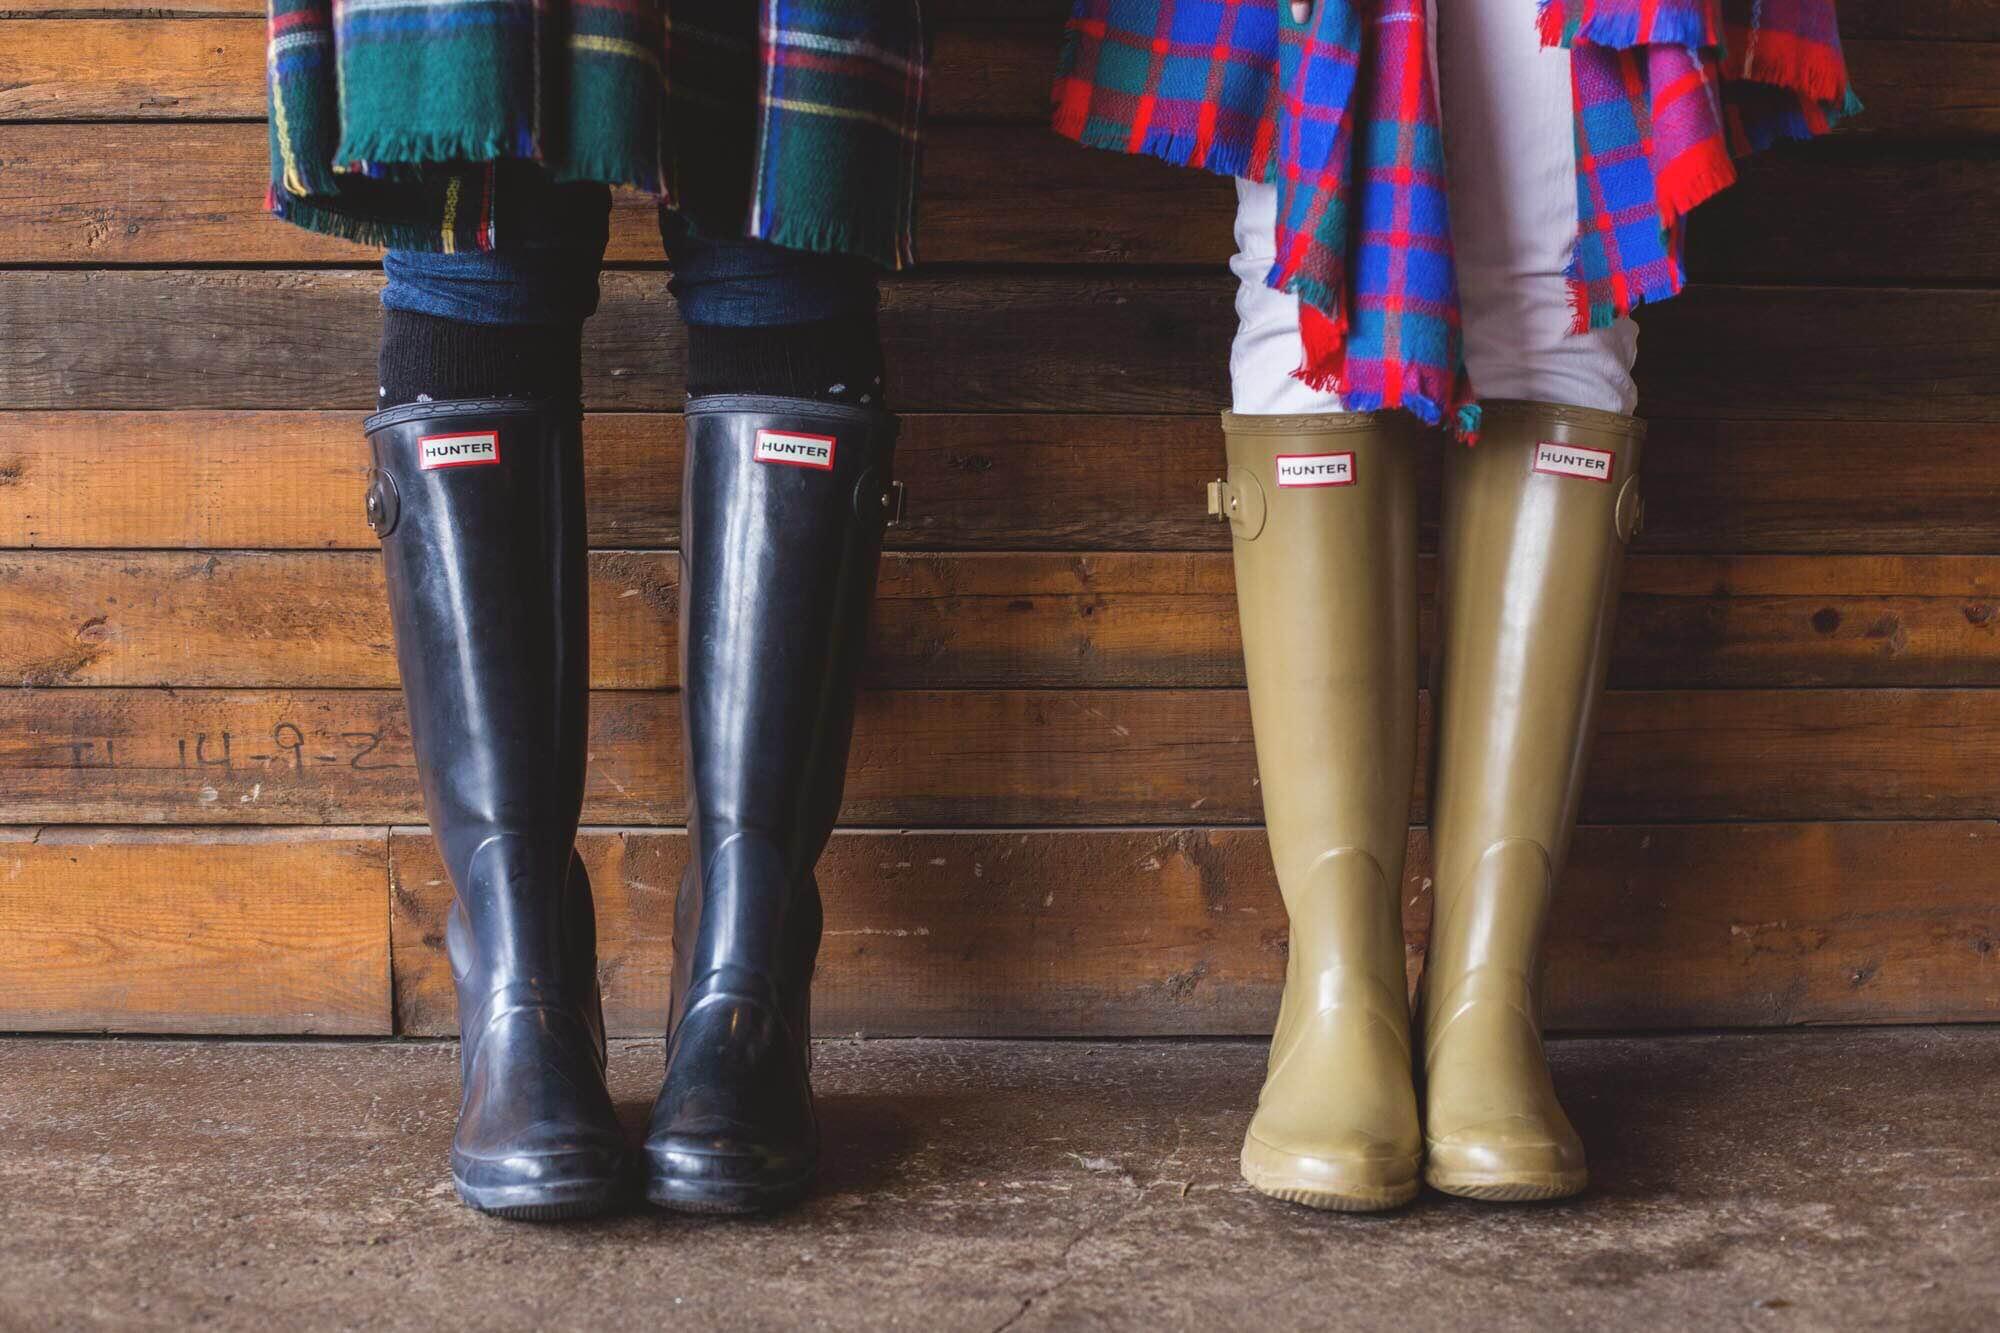 hunter-boots-blanket-scarves